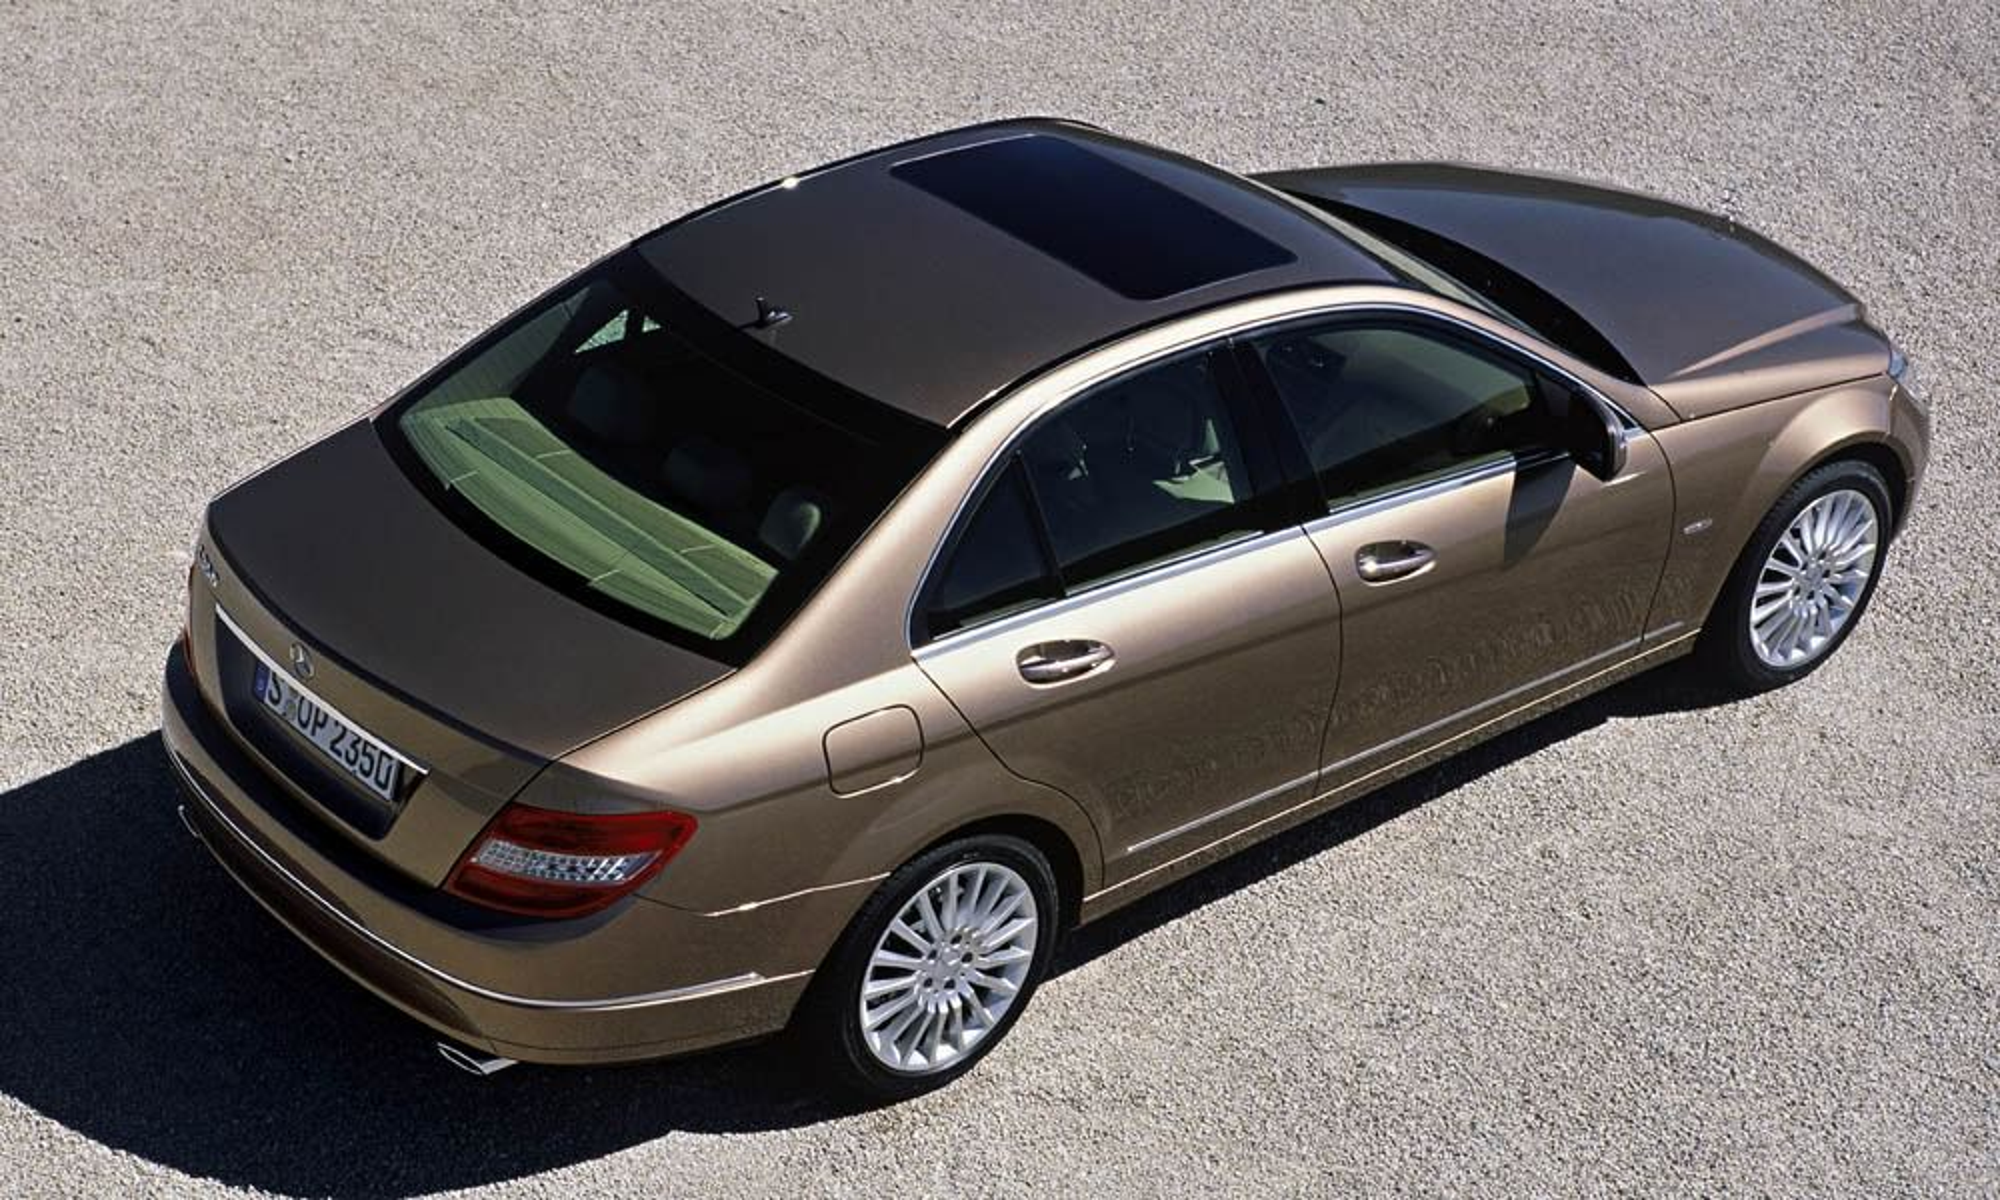 NY C: Slik ser den ut, nye Mecedes C-klasse. Fra 1. mai kan du løpe og kjøpe en!